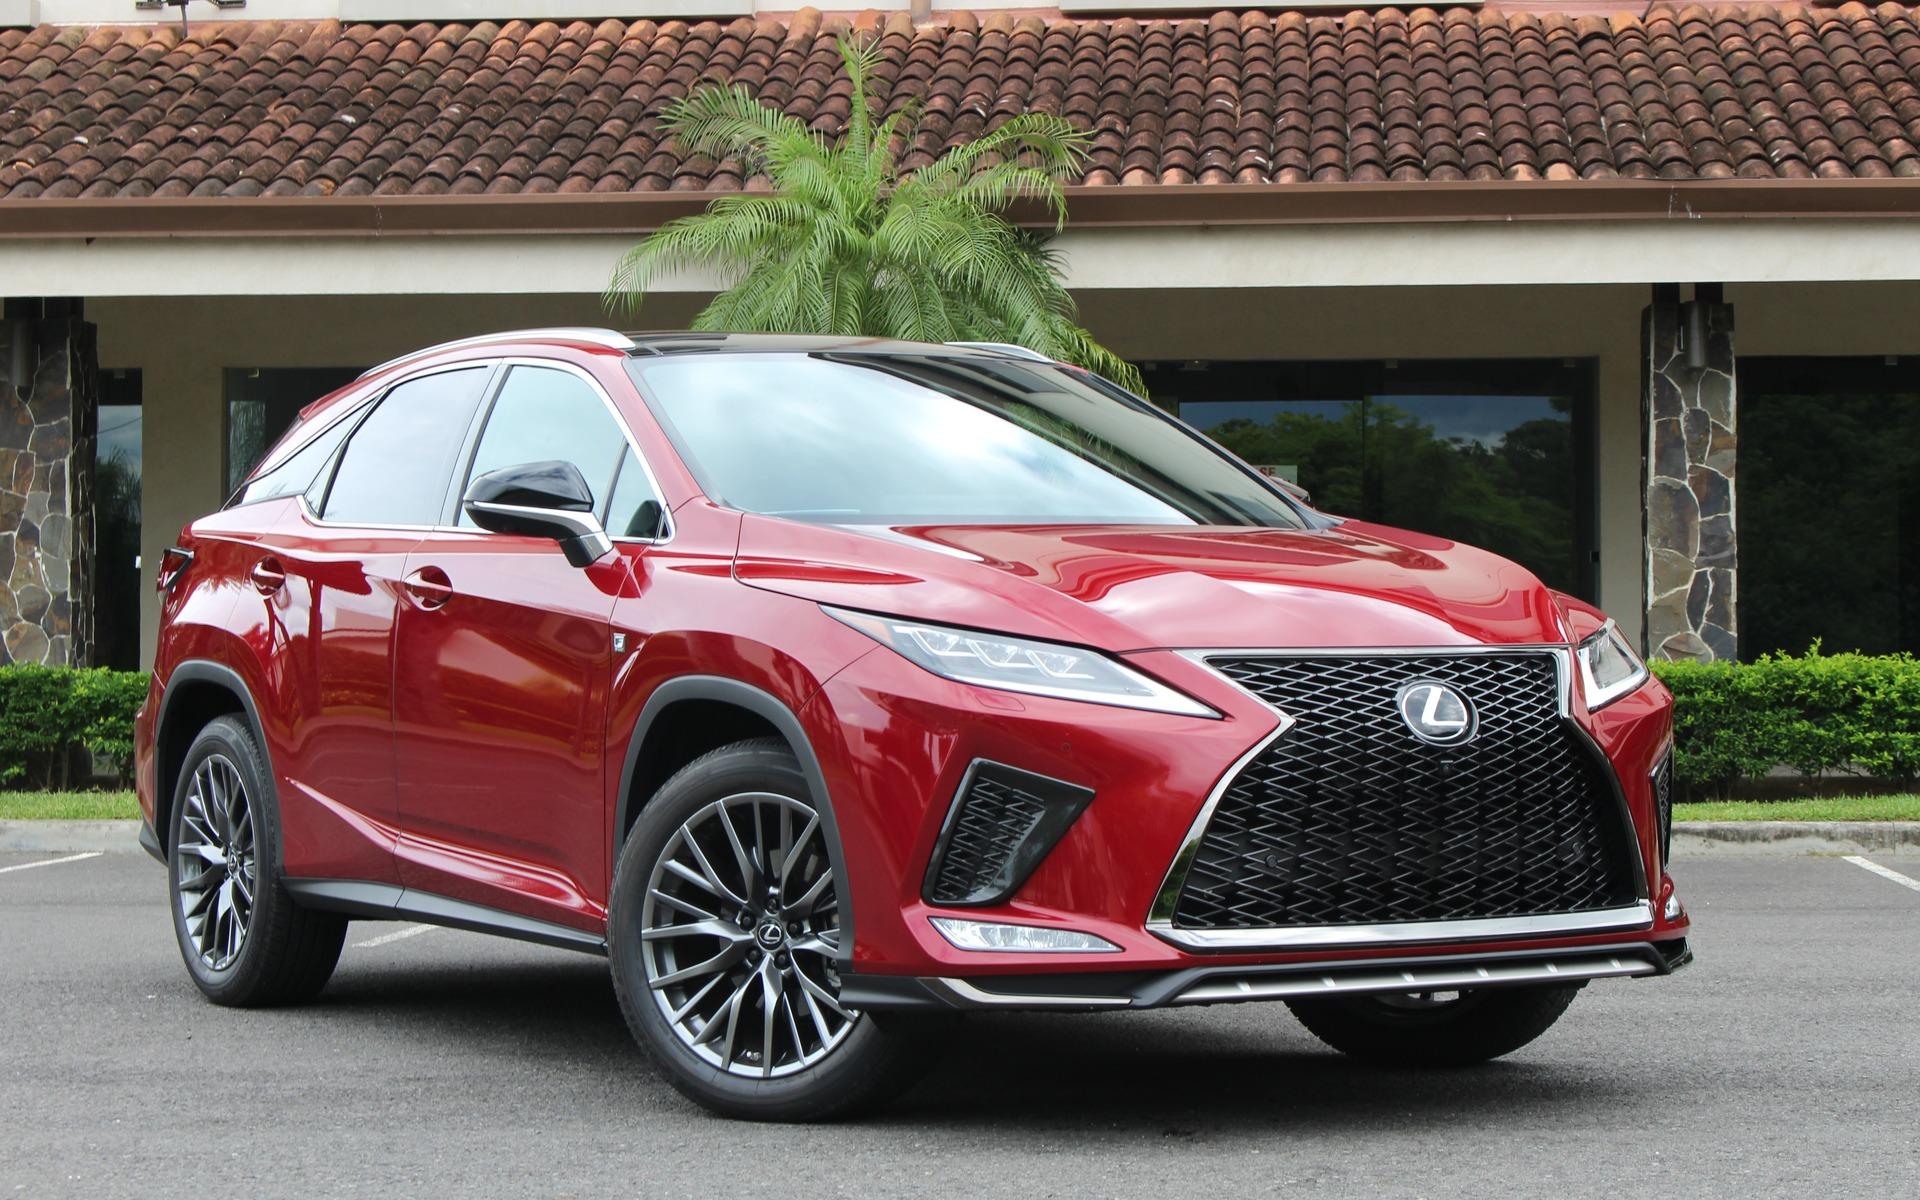 41 All New Lexus Is 2020 Release Date by Lexus Is 2020